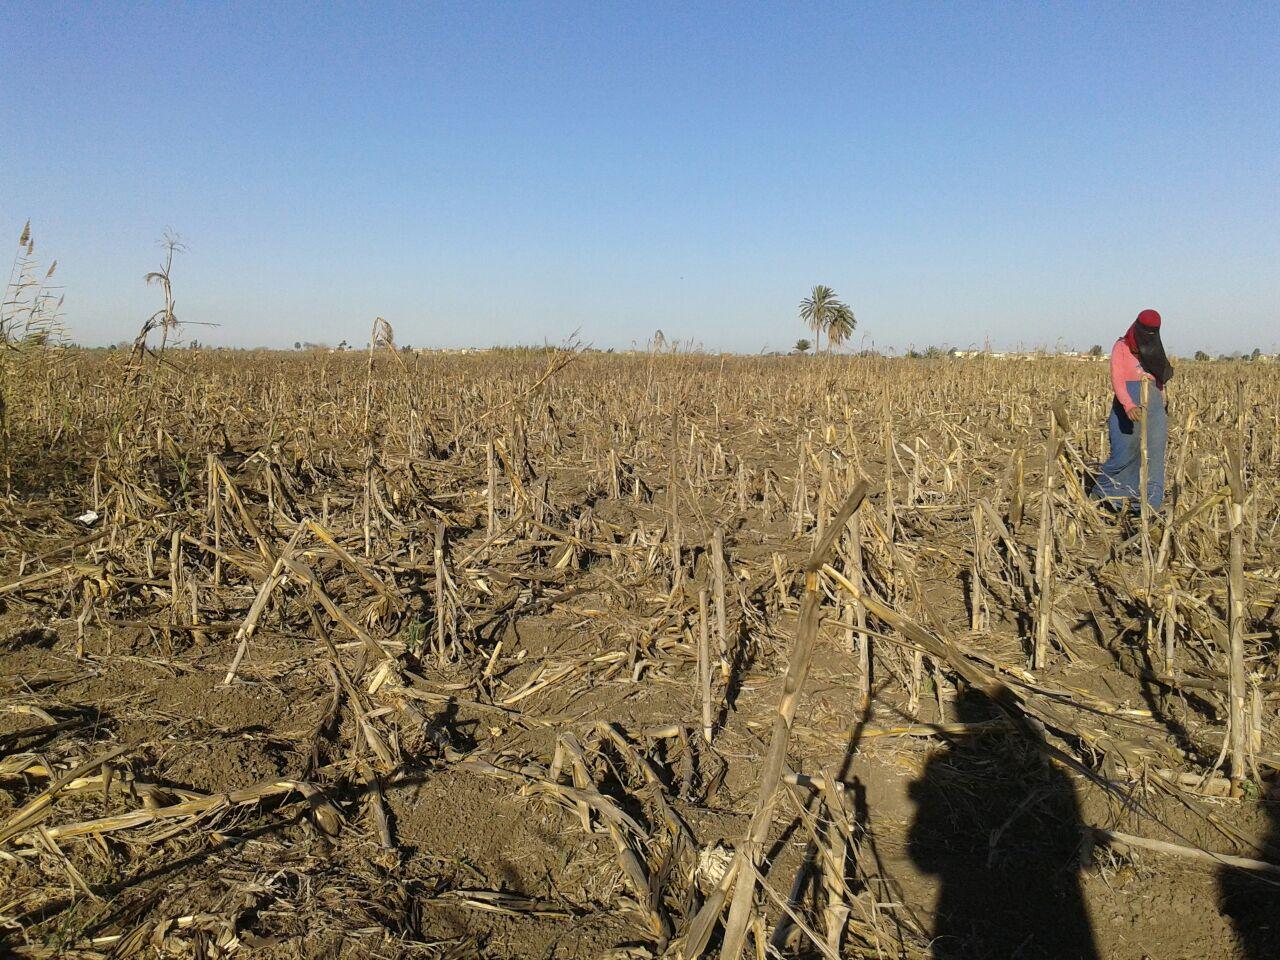 مشاجرة تشرد عائلة.. وتمنع حصاد «القطن» في إحدى قرى البحيرة